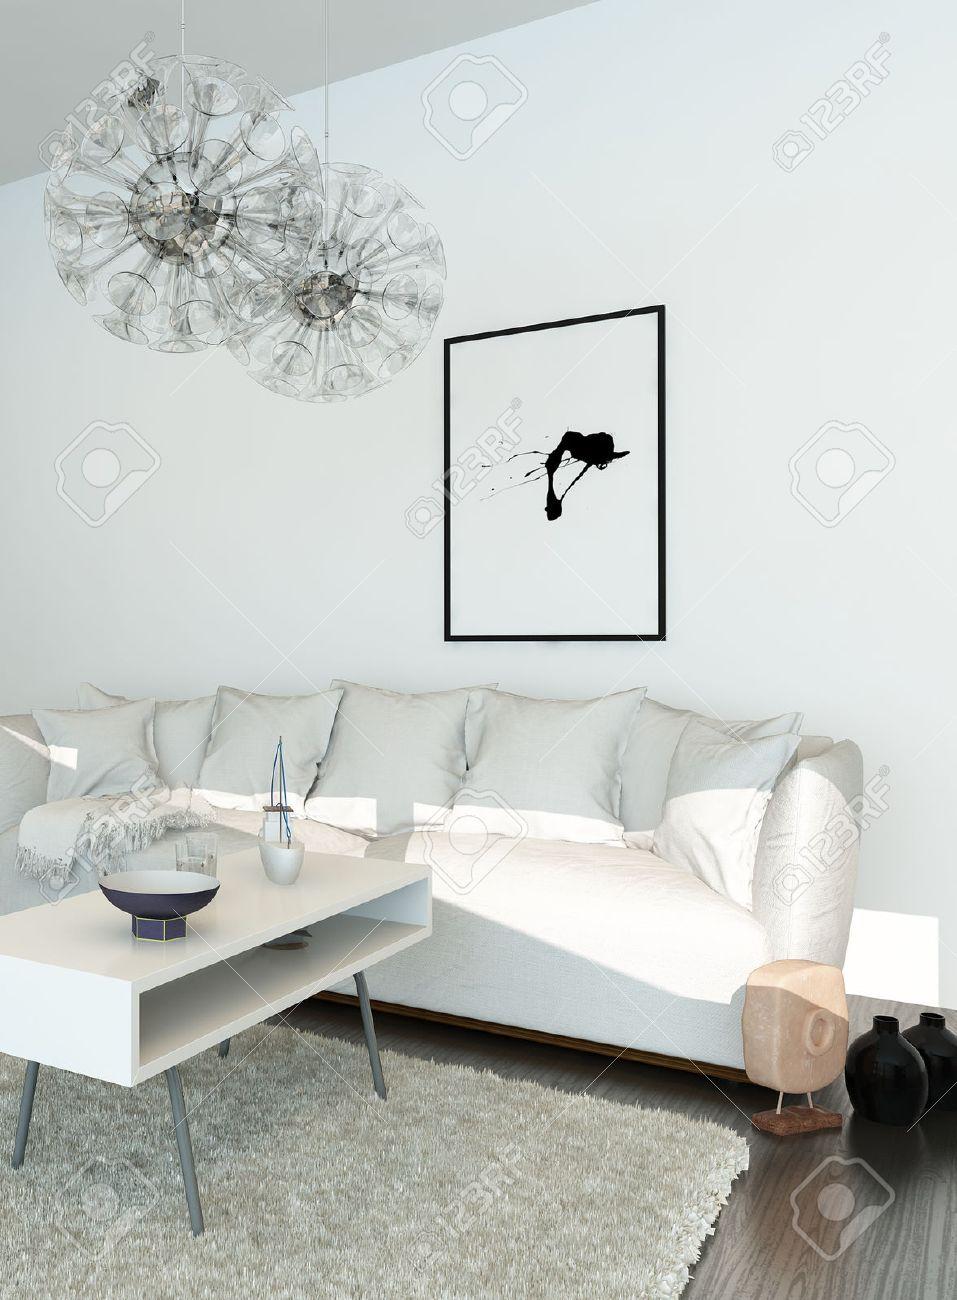 Soggiorno Moderno Con Divano Bianco Foto Royalty Free, Immagini ...